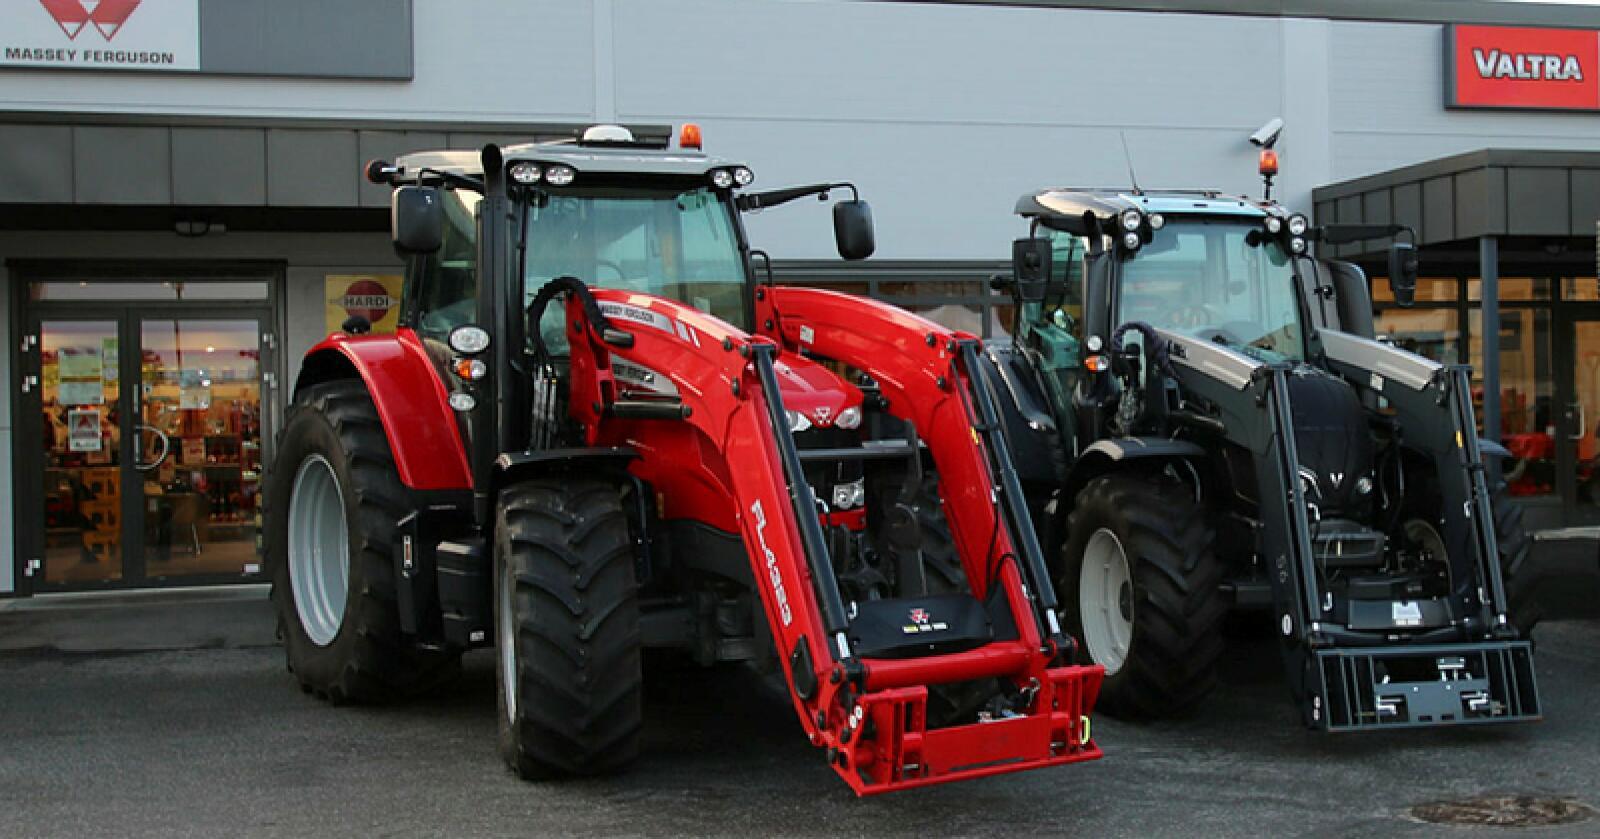 Valtra og Massey Ferguson haler inn på erkerivalen fra Felleskjøpet med et supert salg i august. Samla sett står de to Eik-merkene for over 40 prosent av traktorsalget i Norge! (Foto: Arkivfoto, Traktor)